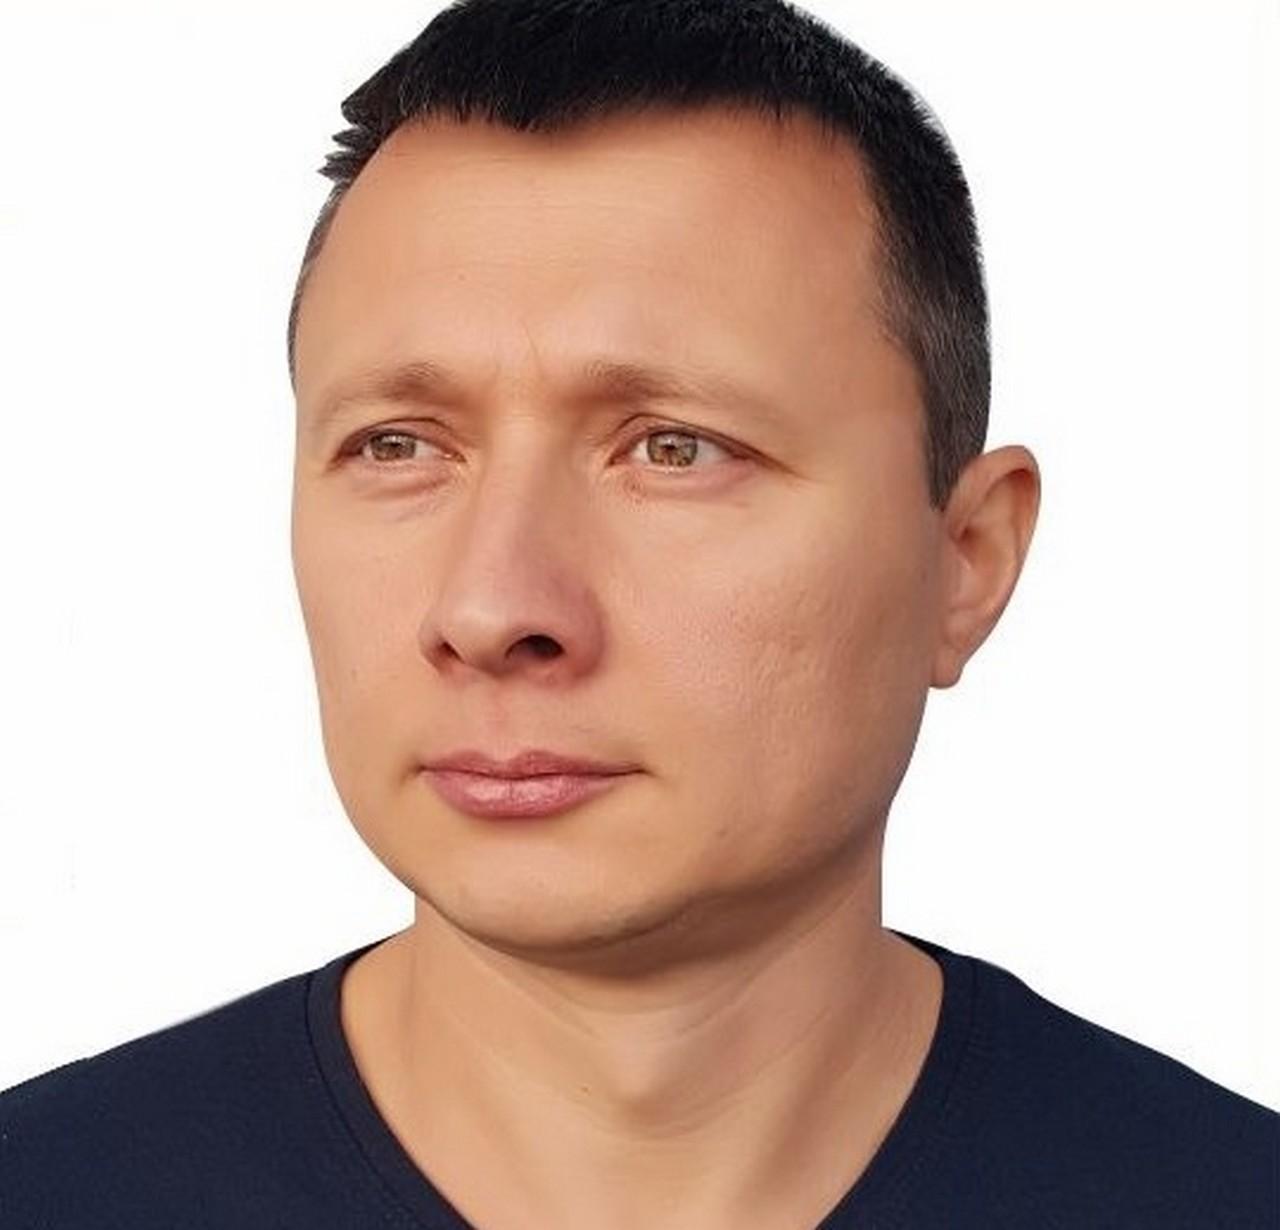 Олексій Сапронов: «На Закарпатті, як і по всій Україні, демографічна криза і ми знаємо, як вирішити цю проблему»